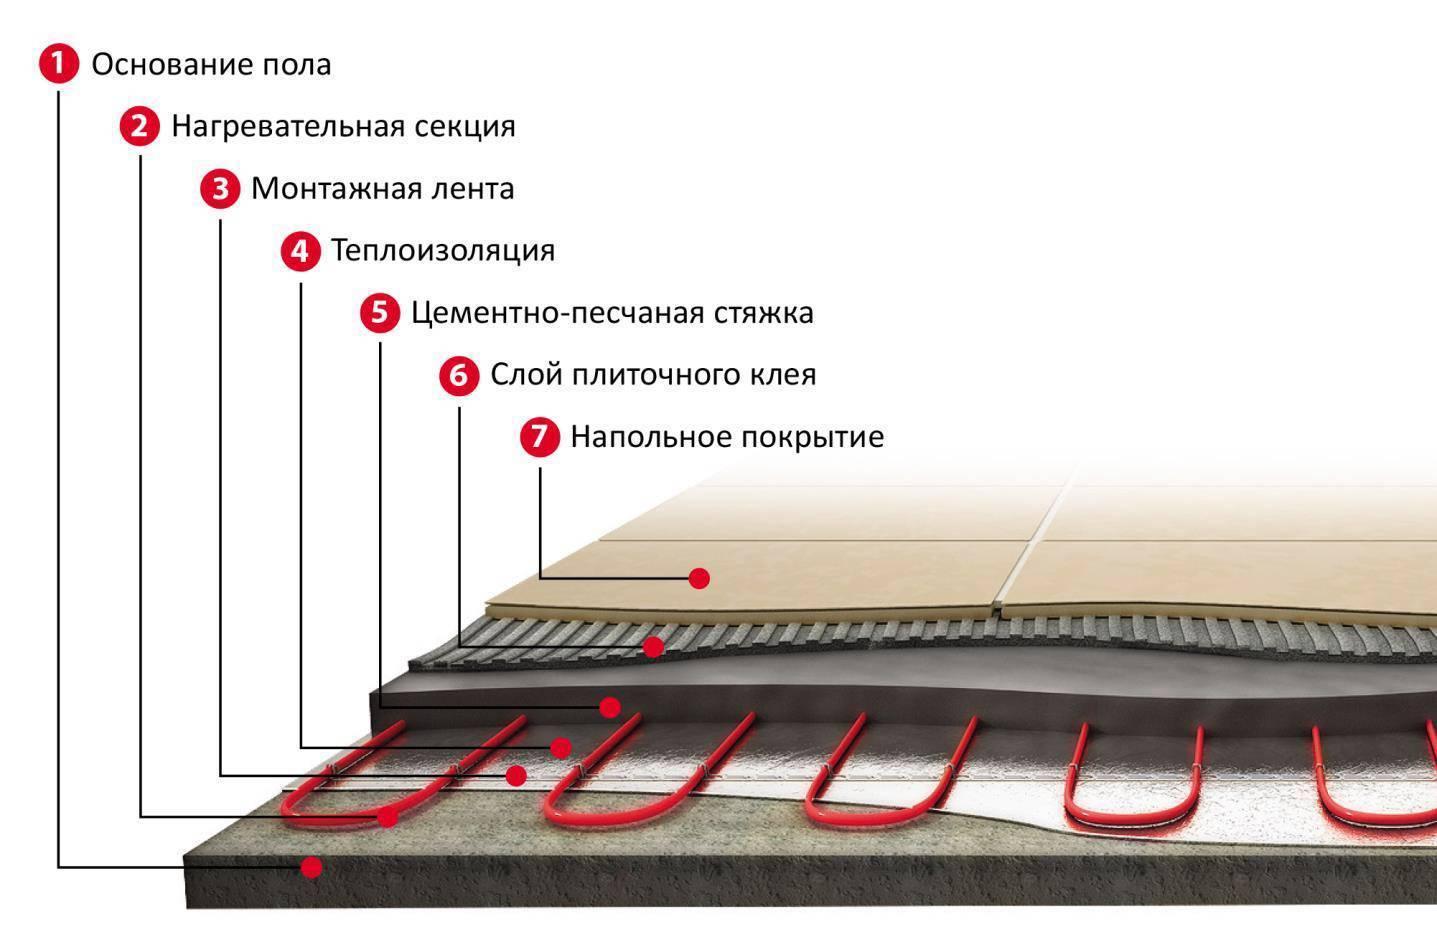 Укладка плитки на теплый пол: особенности, инструкция по этапам, нюансы, установка оборудования